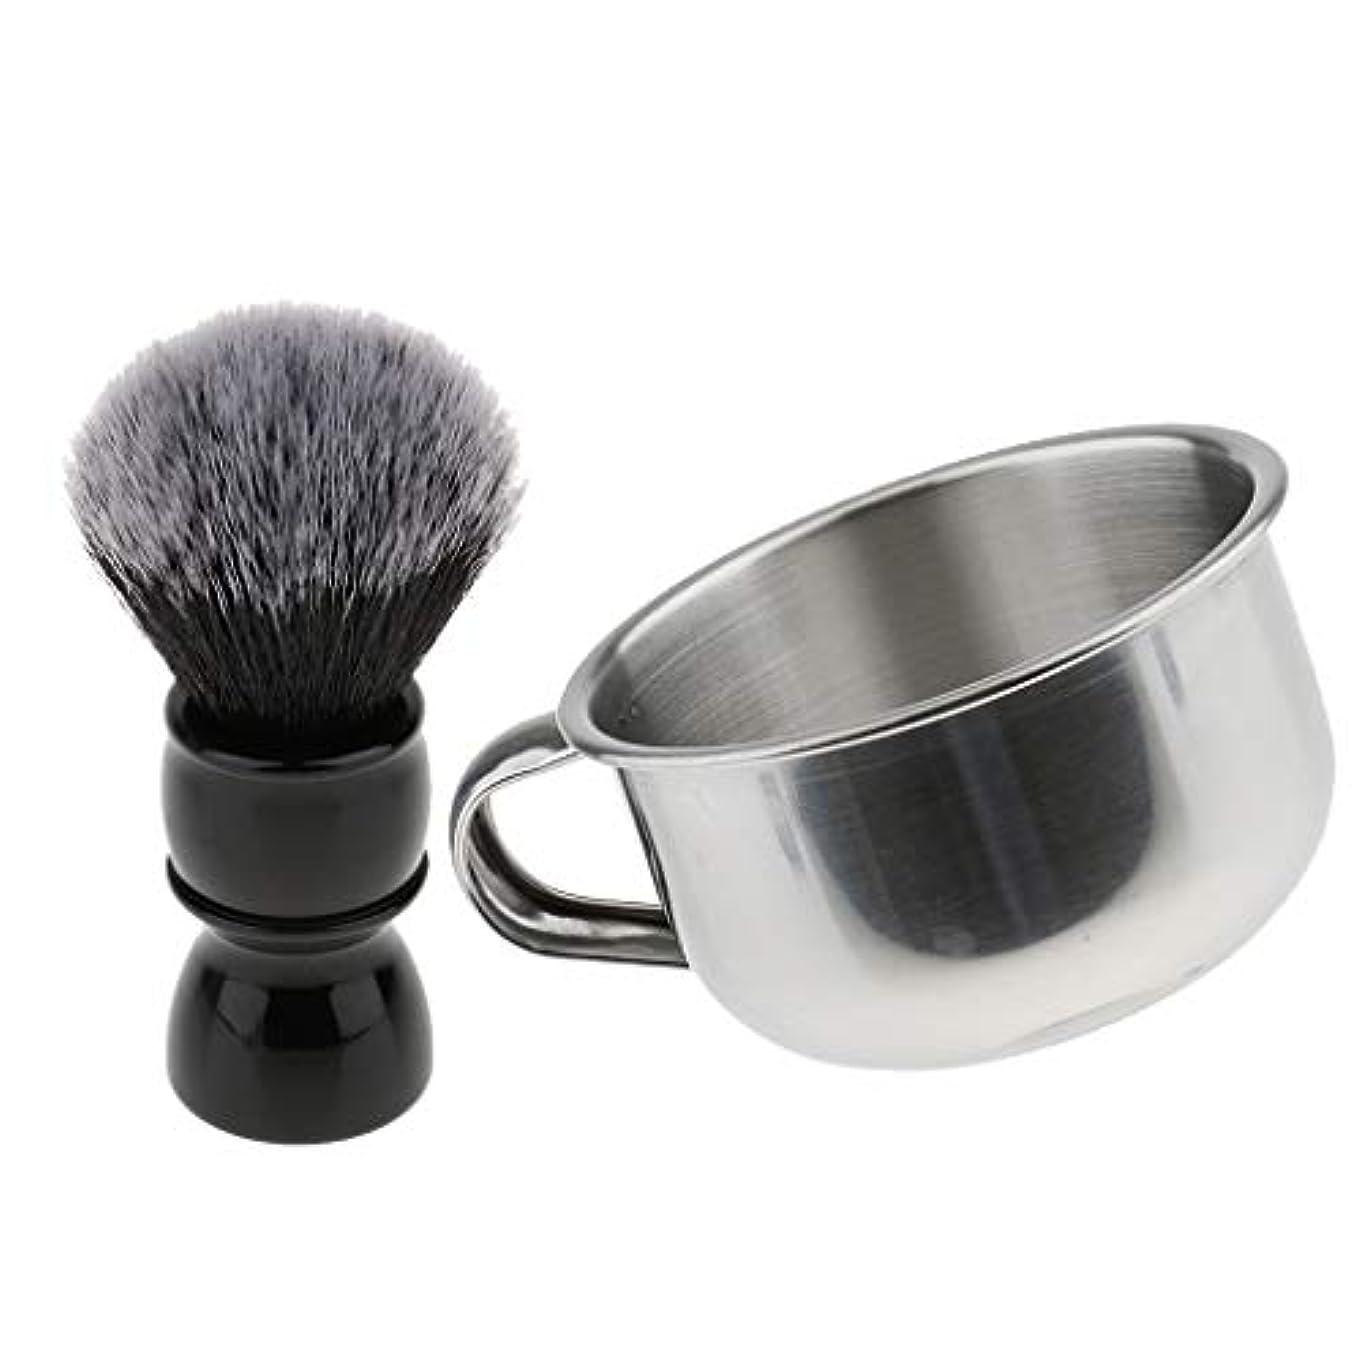 キャメル彫刻前シェービング用アクセサリー シェービングブラシ ステンレスボウル 男性 理髪 髭の毛 2点セット